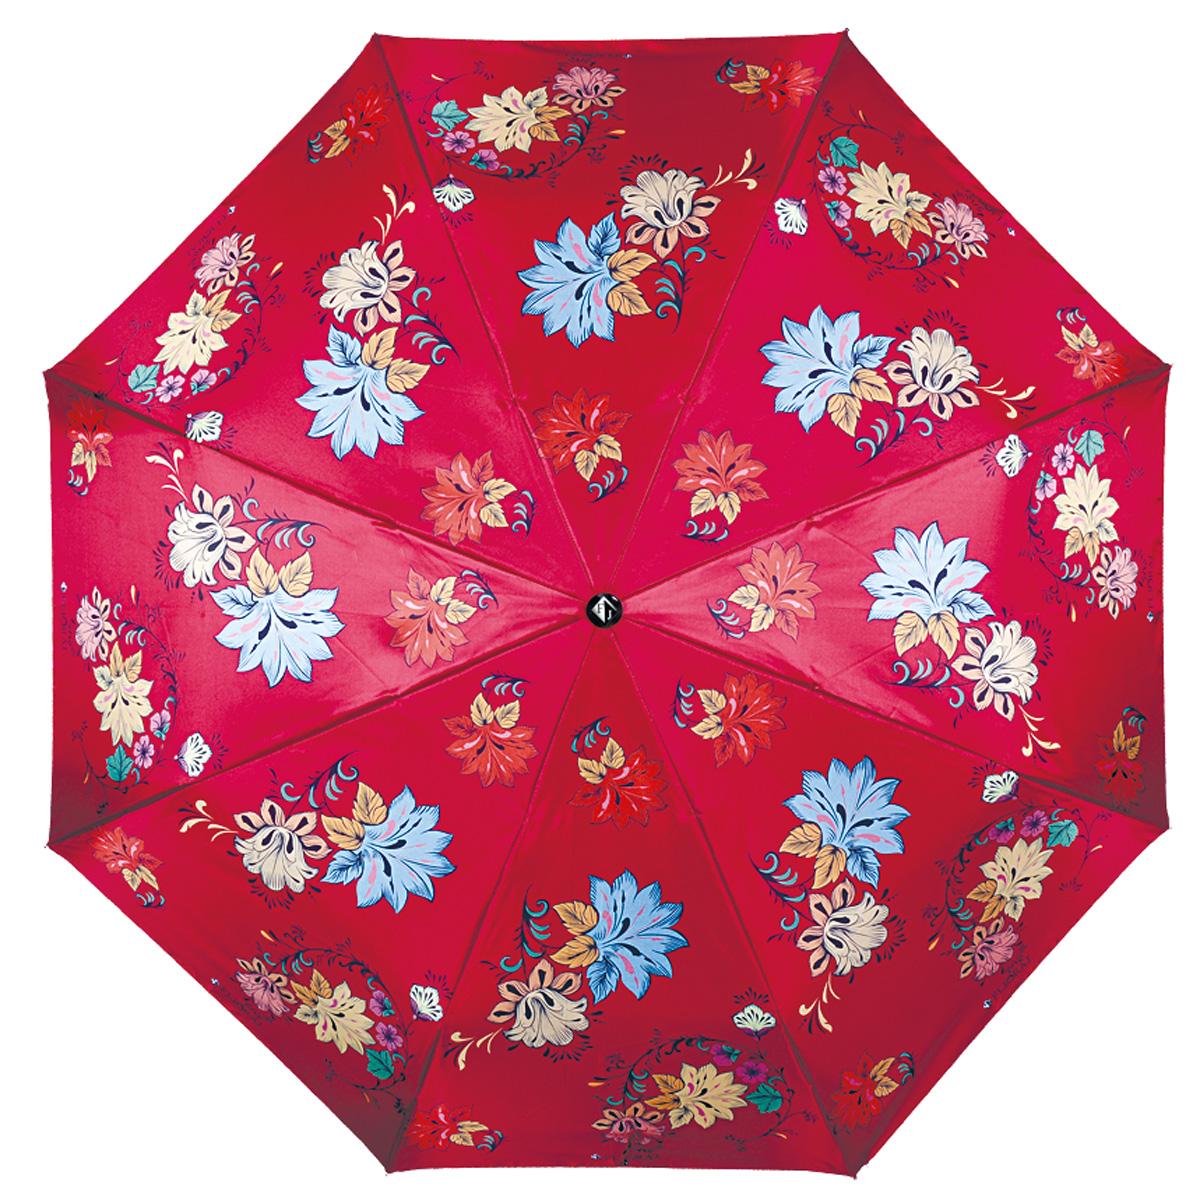 """Зонт женский Flioraj Русские мотивы, автомат, 3 сложения, красный190203 FJМодный автоматический зонт Flioraj Русские мотивы в 3 сложения отлично подойдет для ненастной погоды. """"Ветростойкий"""" каркас зонта, изготовленный из анодированной стали, состоит из восьми спиц и прочного стержня. Купол зонта с тефлоновой пропиткой выполнен из полиэстера и оформлен цветочным узором. Модель оснащена рукояткой из пластика. Зонт имеет полный автоматический механизм сложения: купол открывается и закрывается нажатием кнопки на рукоятке, стержень складывается вручную до характерного щелчка. Благодаря этому открыть и закрыть зонт можно одной рукой, что чрезвычайно удобно при входе в транспорт или помещение. Небольшой шнурок, расположенный на рукоятке, позволяет надеть изделие на руку при необходимости. Модель закрывается при помощи хлястика на кнопке. Такой зонт не только надежно защитит вас от дождя, но и станет стильным аксессуаром, который идеально подчеркнет ваш неповторимый образ."""